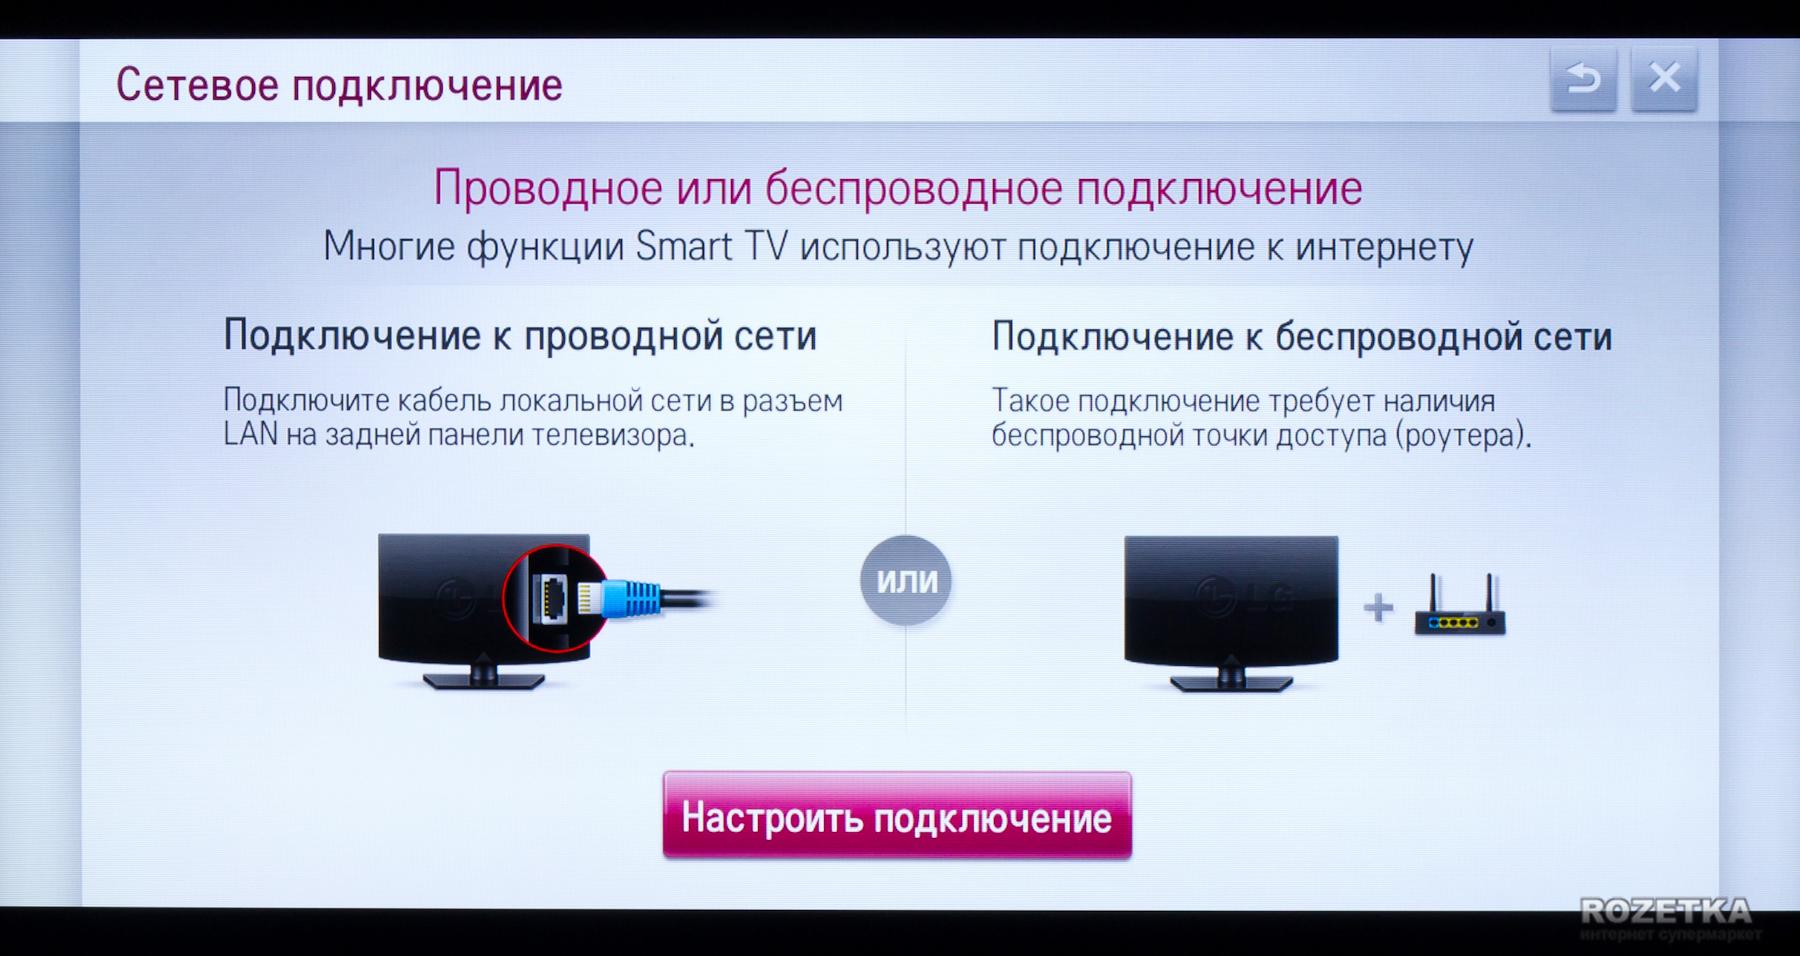 Wi-fi direct на телевизоре: что это такое и как подключить к нему телефон?